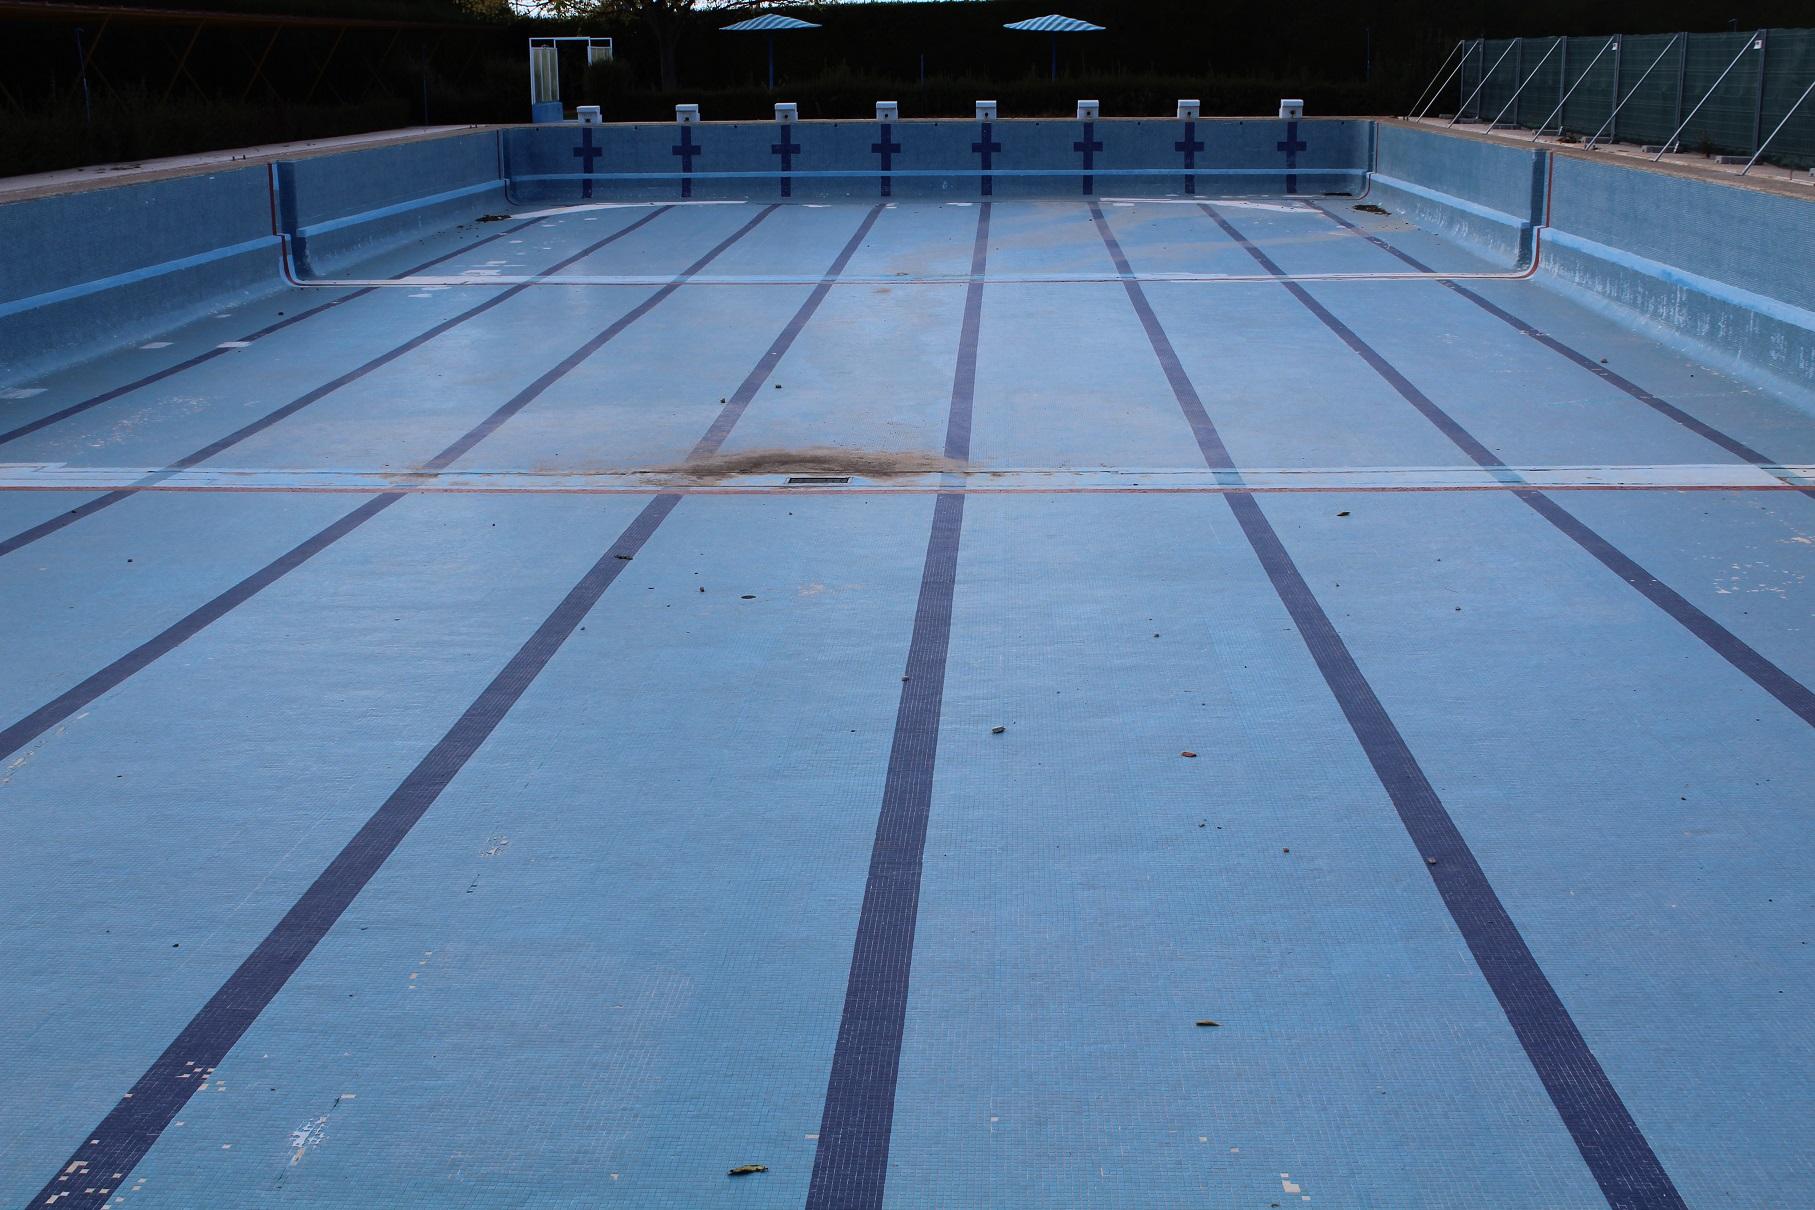 Determinada la oferta m s ventajosa para la construcci n for Construccion de piscinas en paraguay